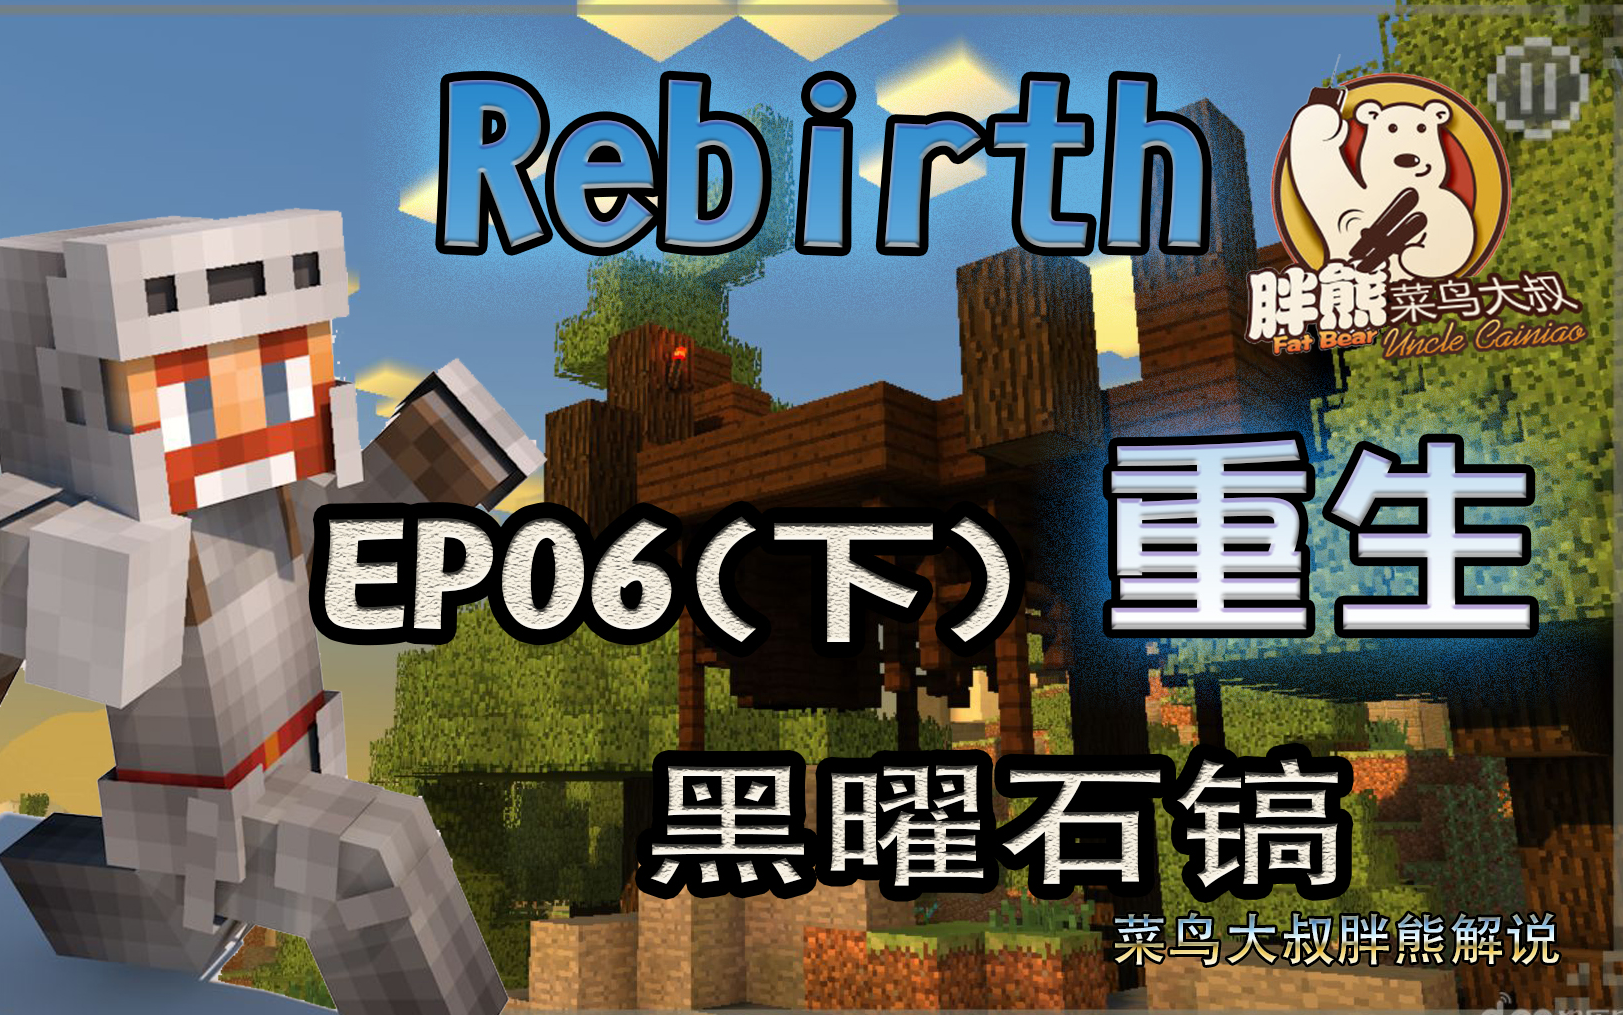 我的世界:Rebirth重生 EP06(下)黑曜石镐